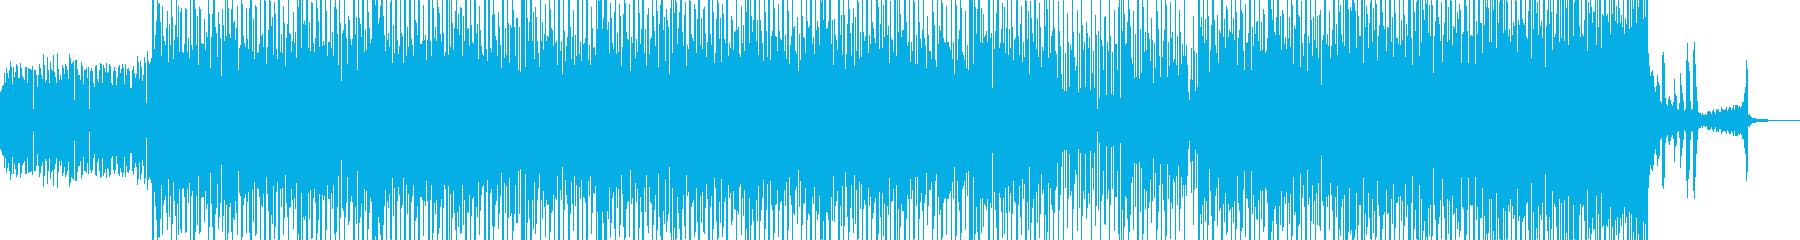 マダムチックなカントリーテクノの再生済みの波形